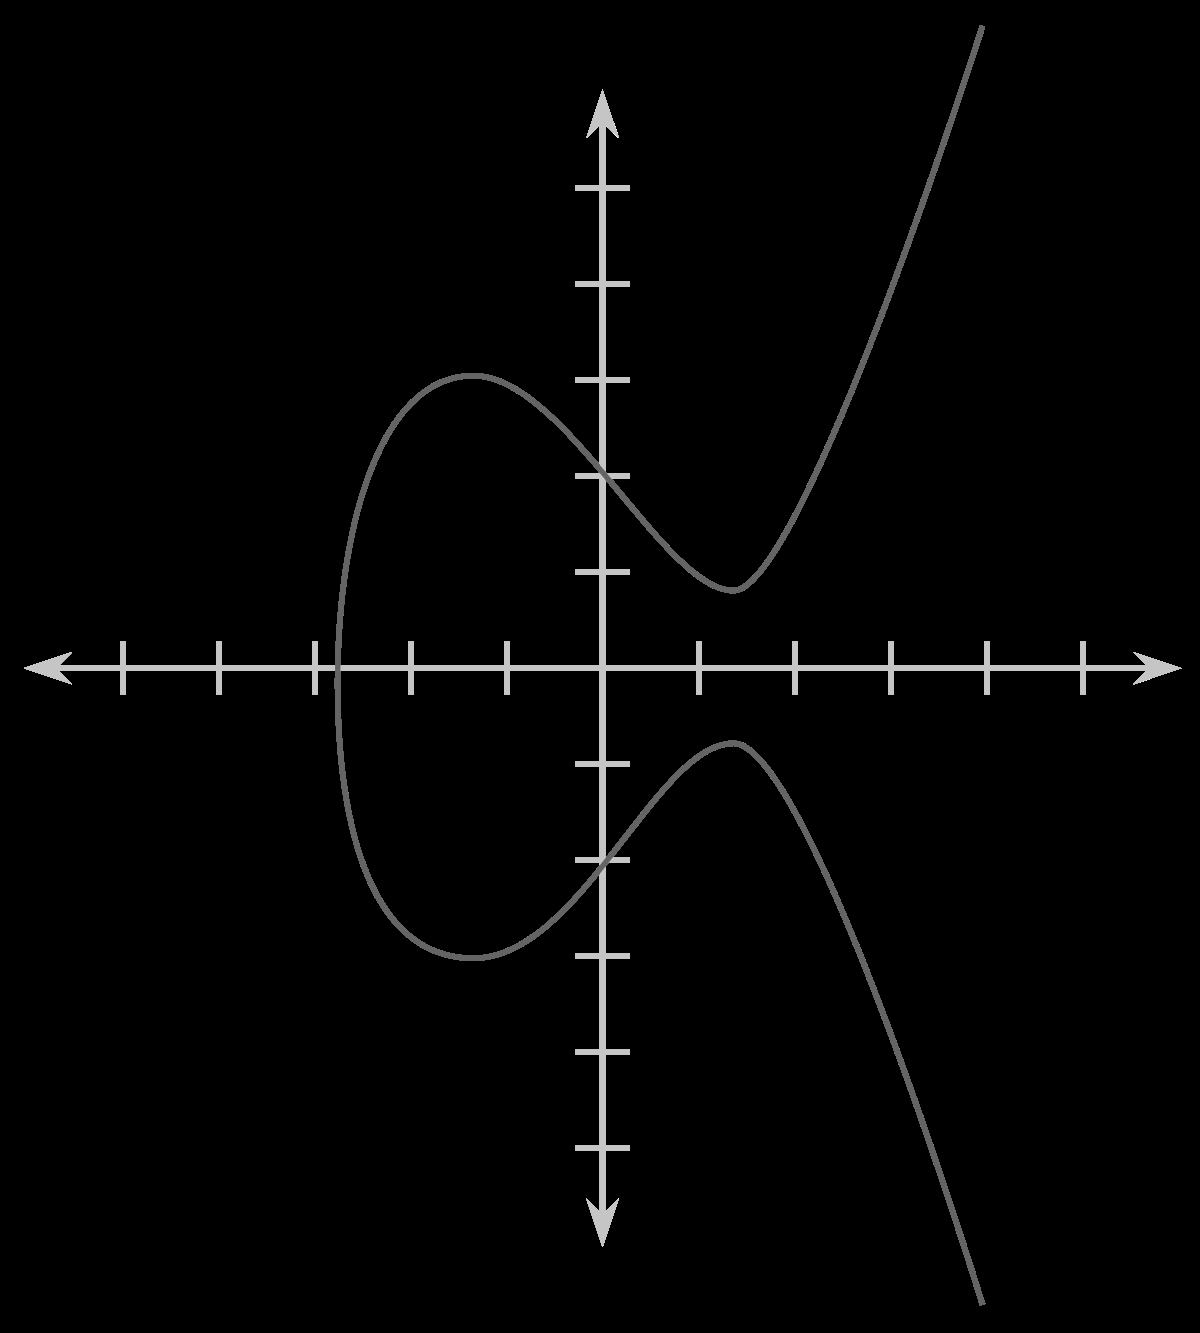 tendenču līnijas un to veidi